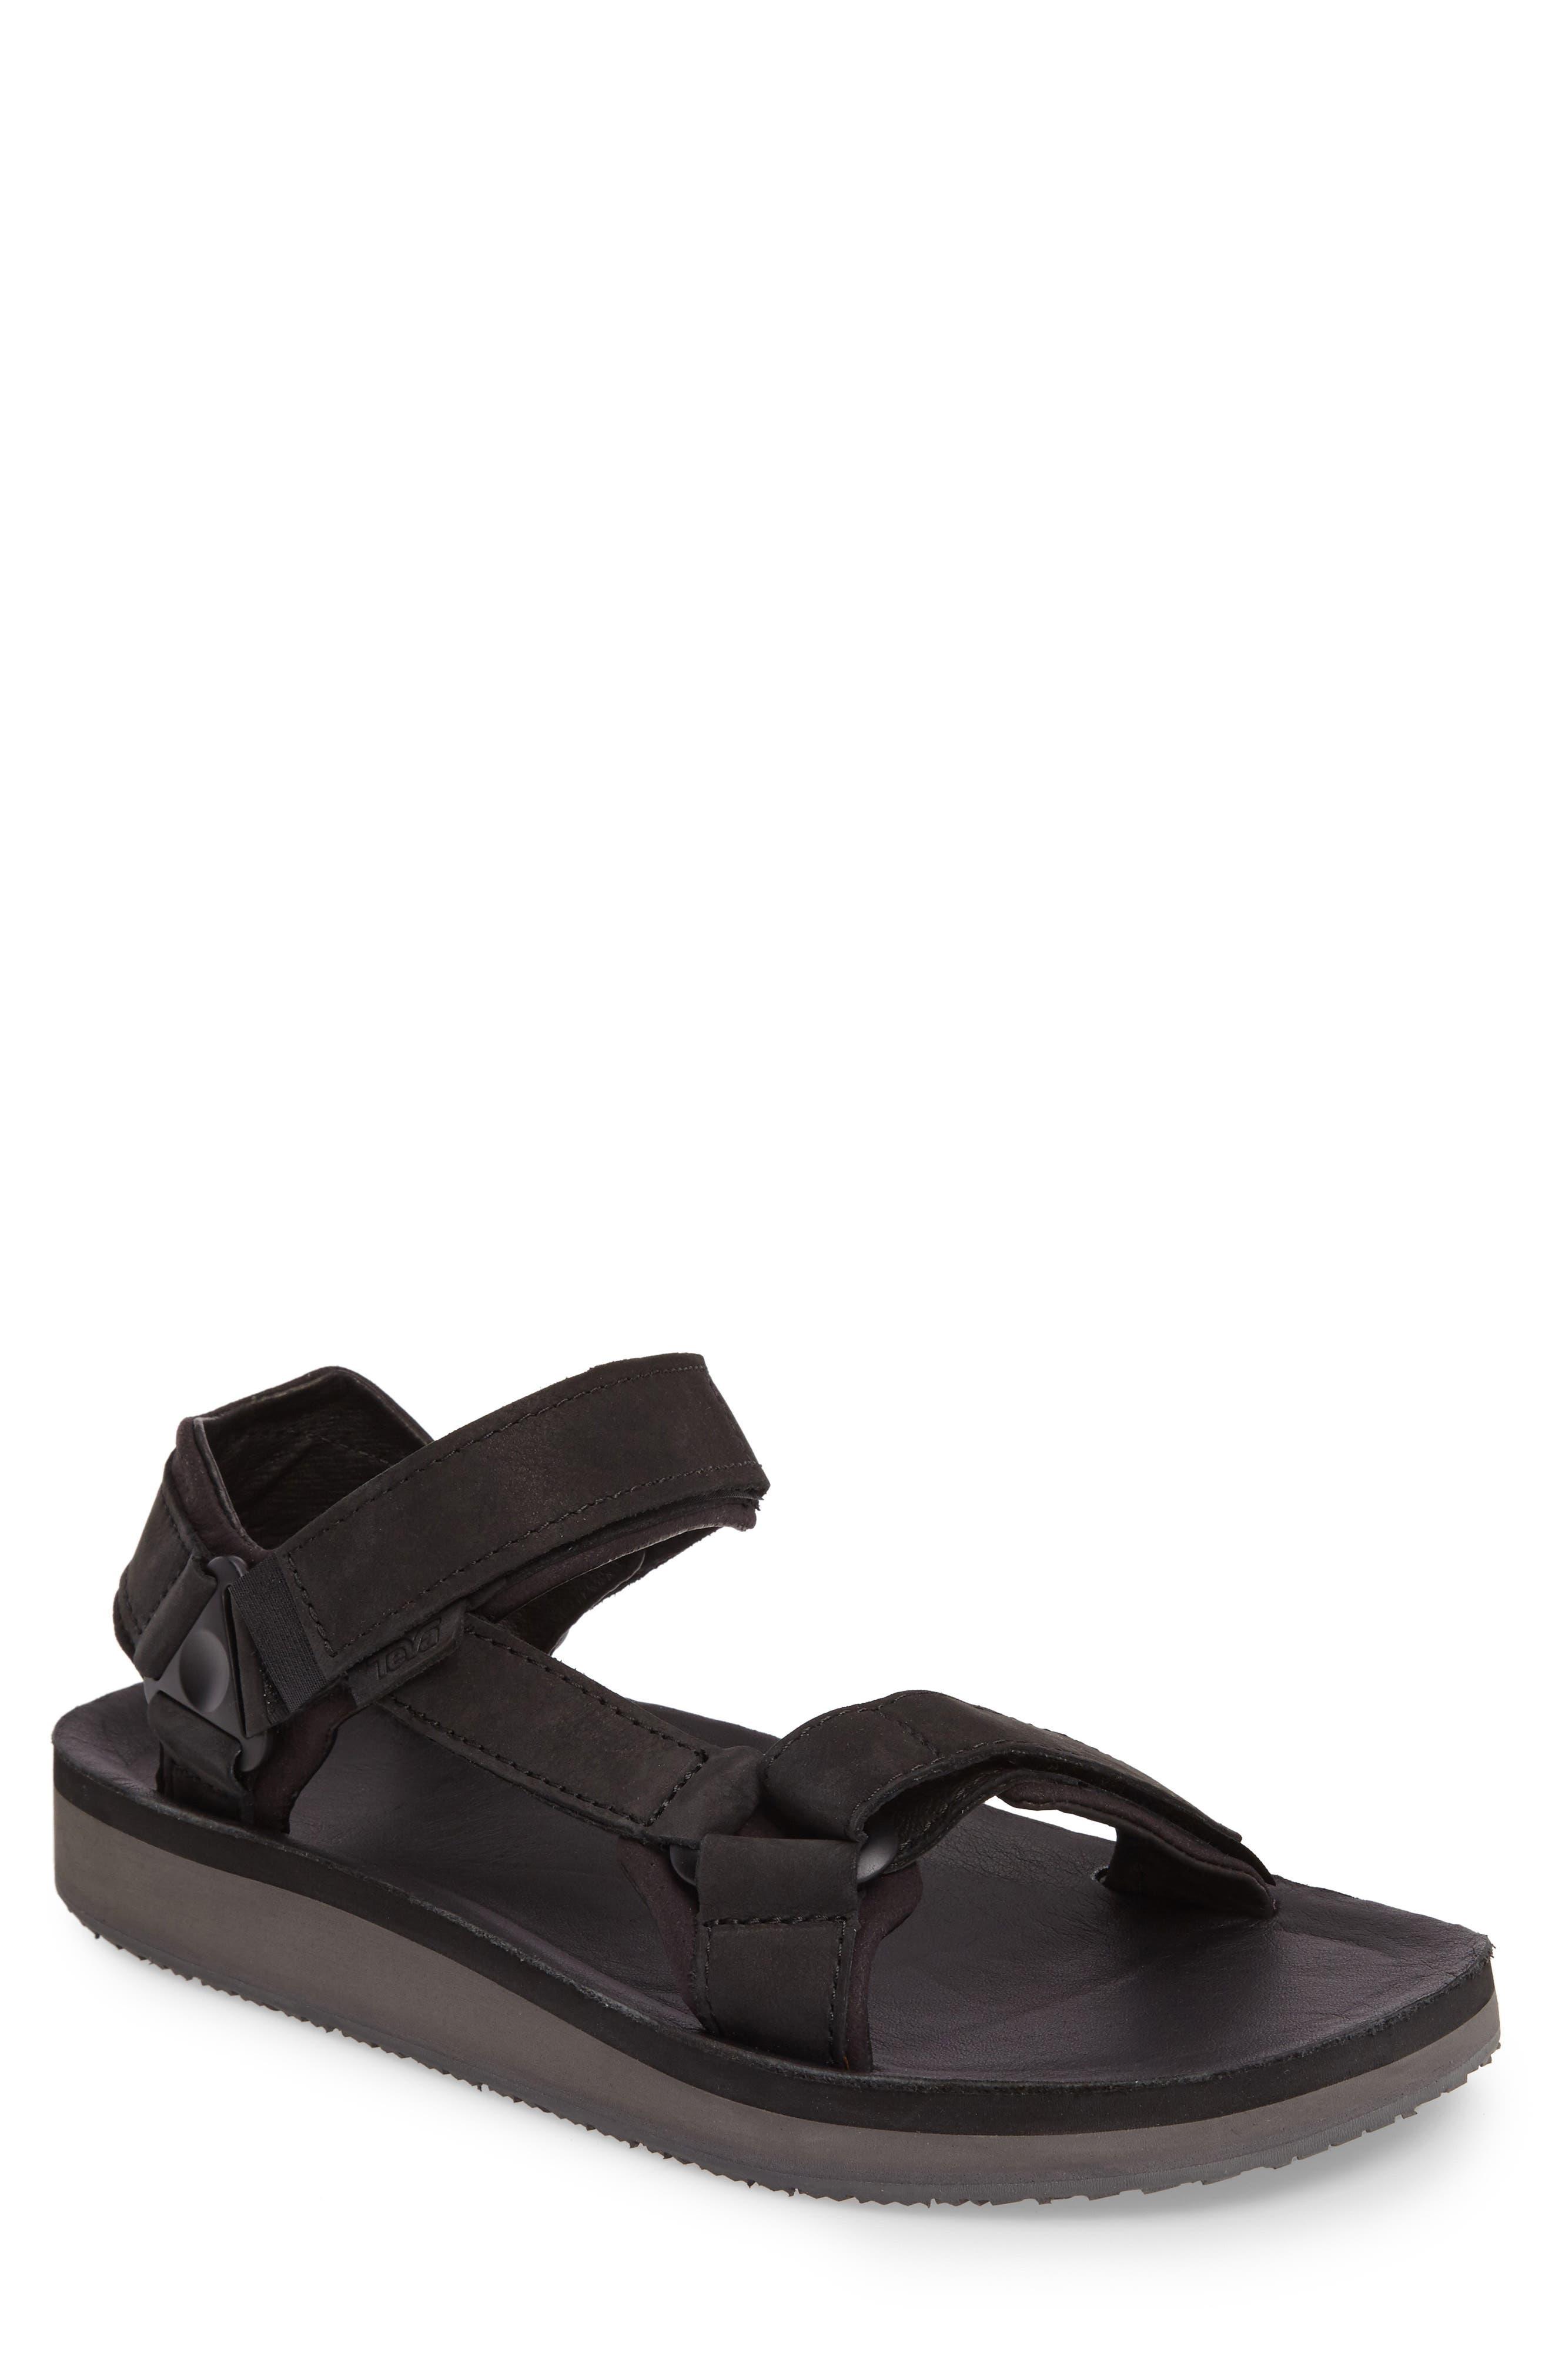 Alternate Image 1 Selected - Teva Original Universal Premier Sandal (Men)